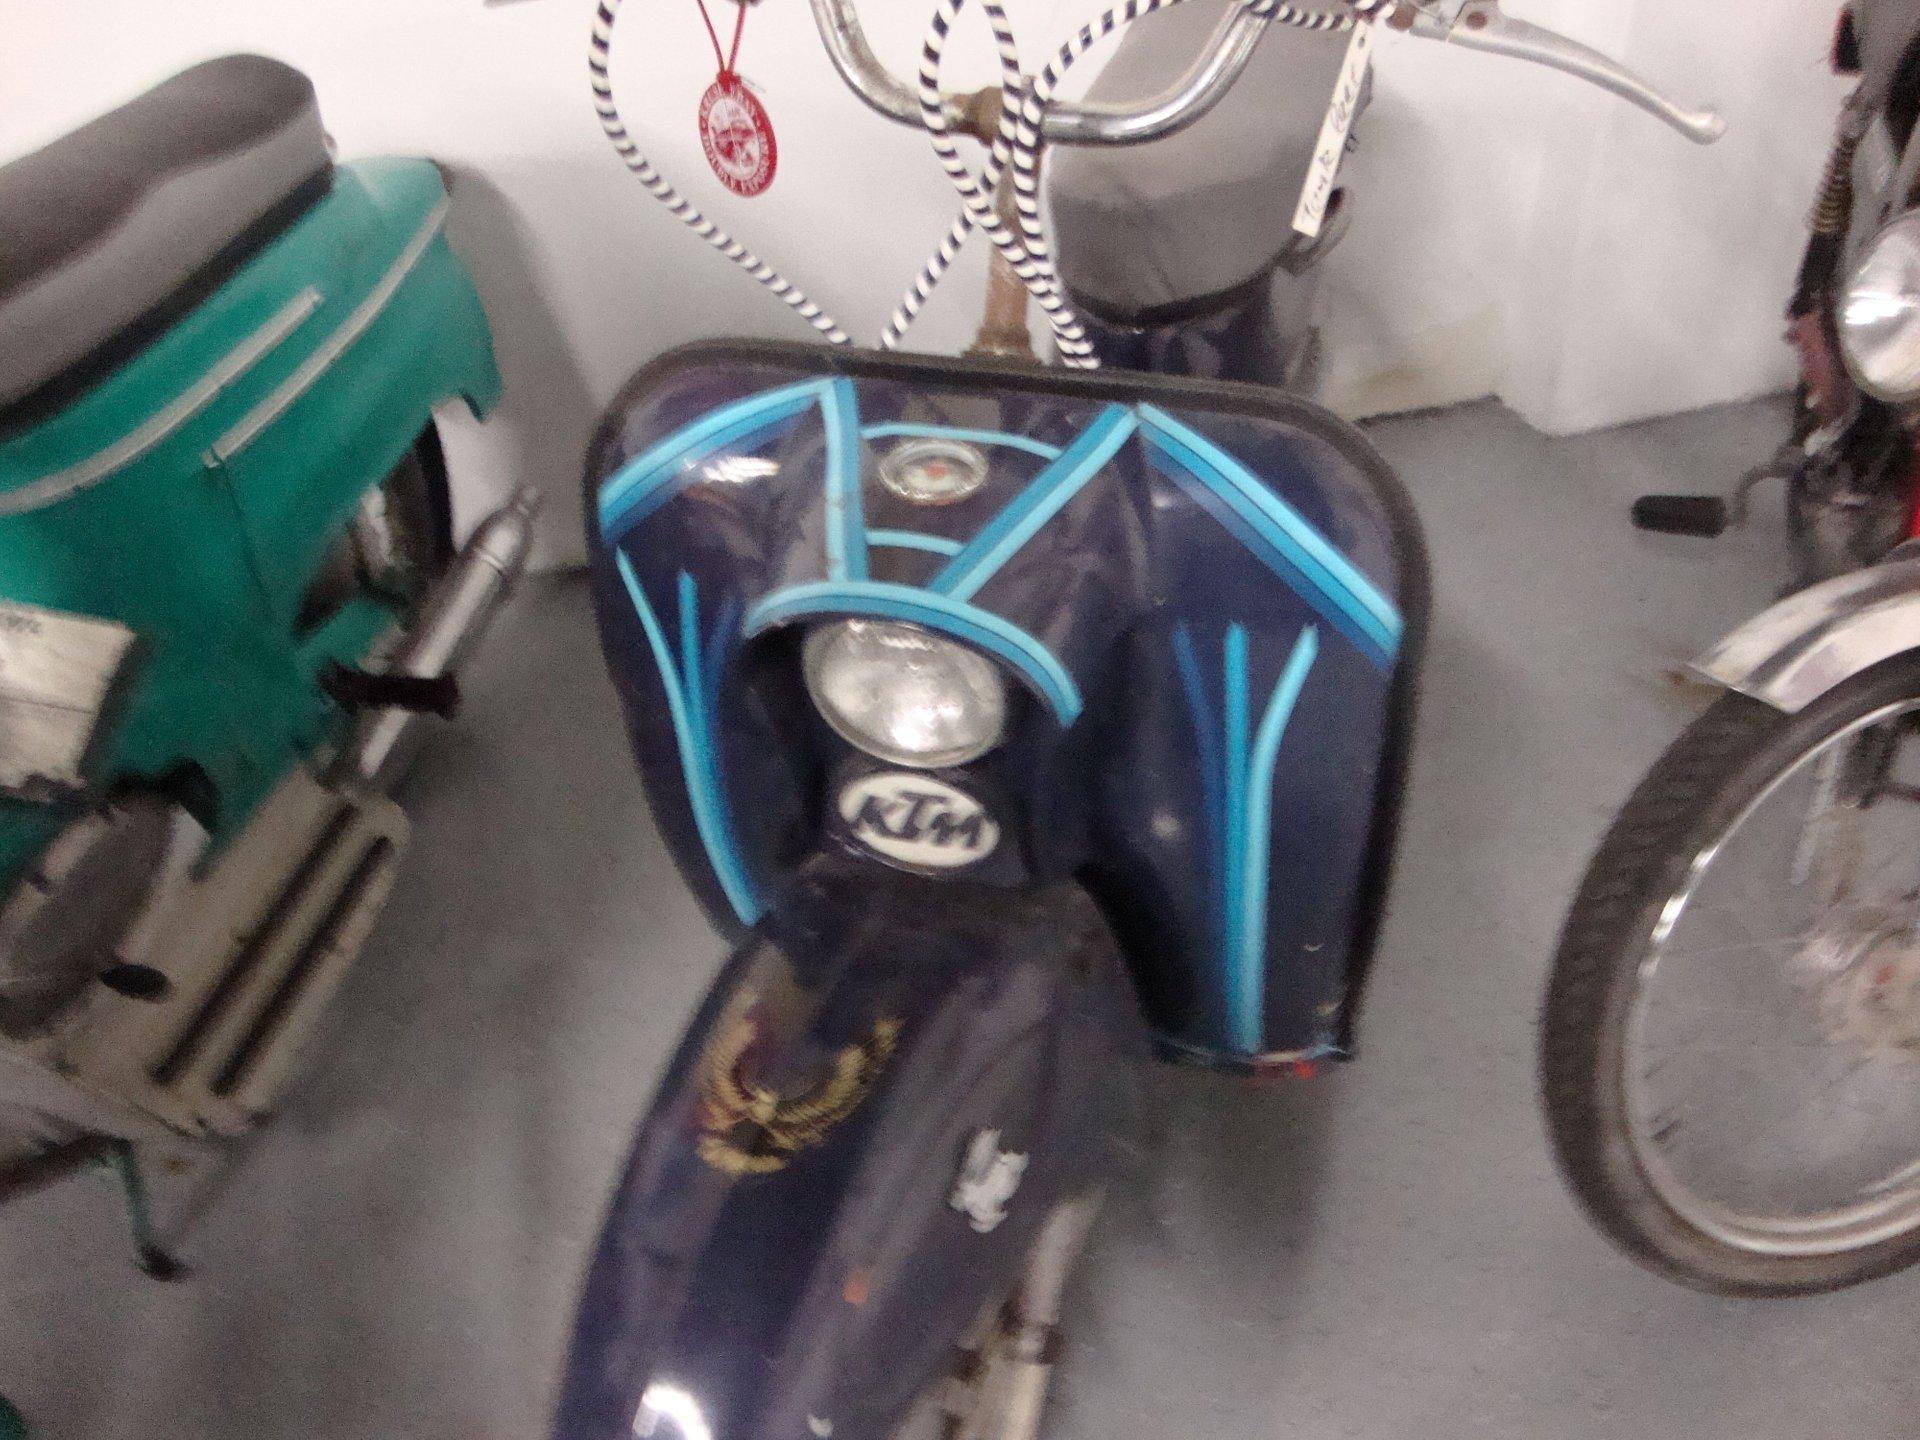 1961 ktm ponny vintage scooter